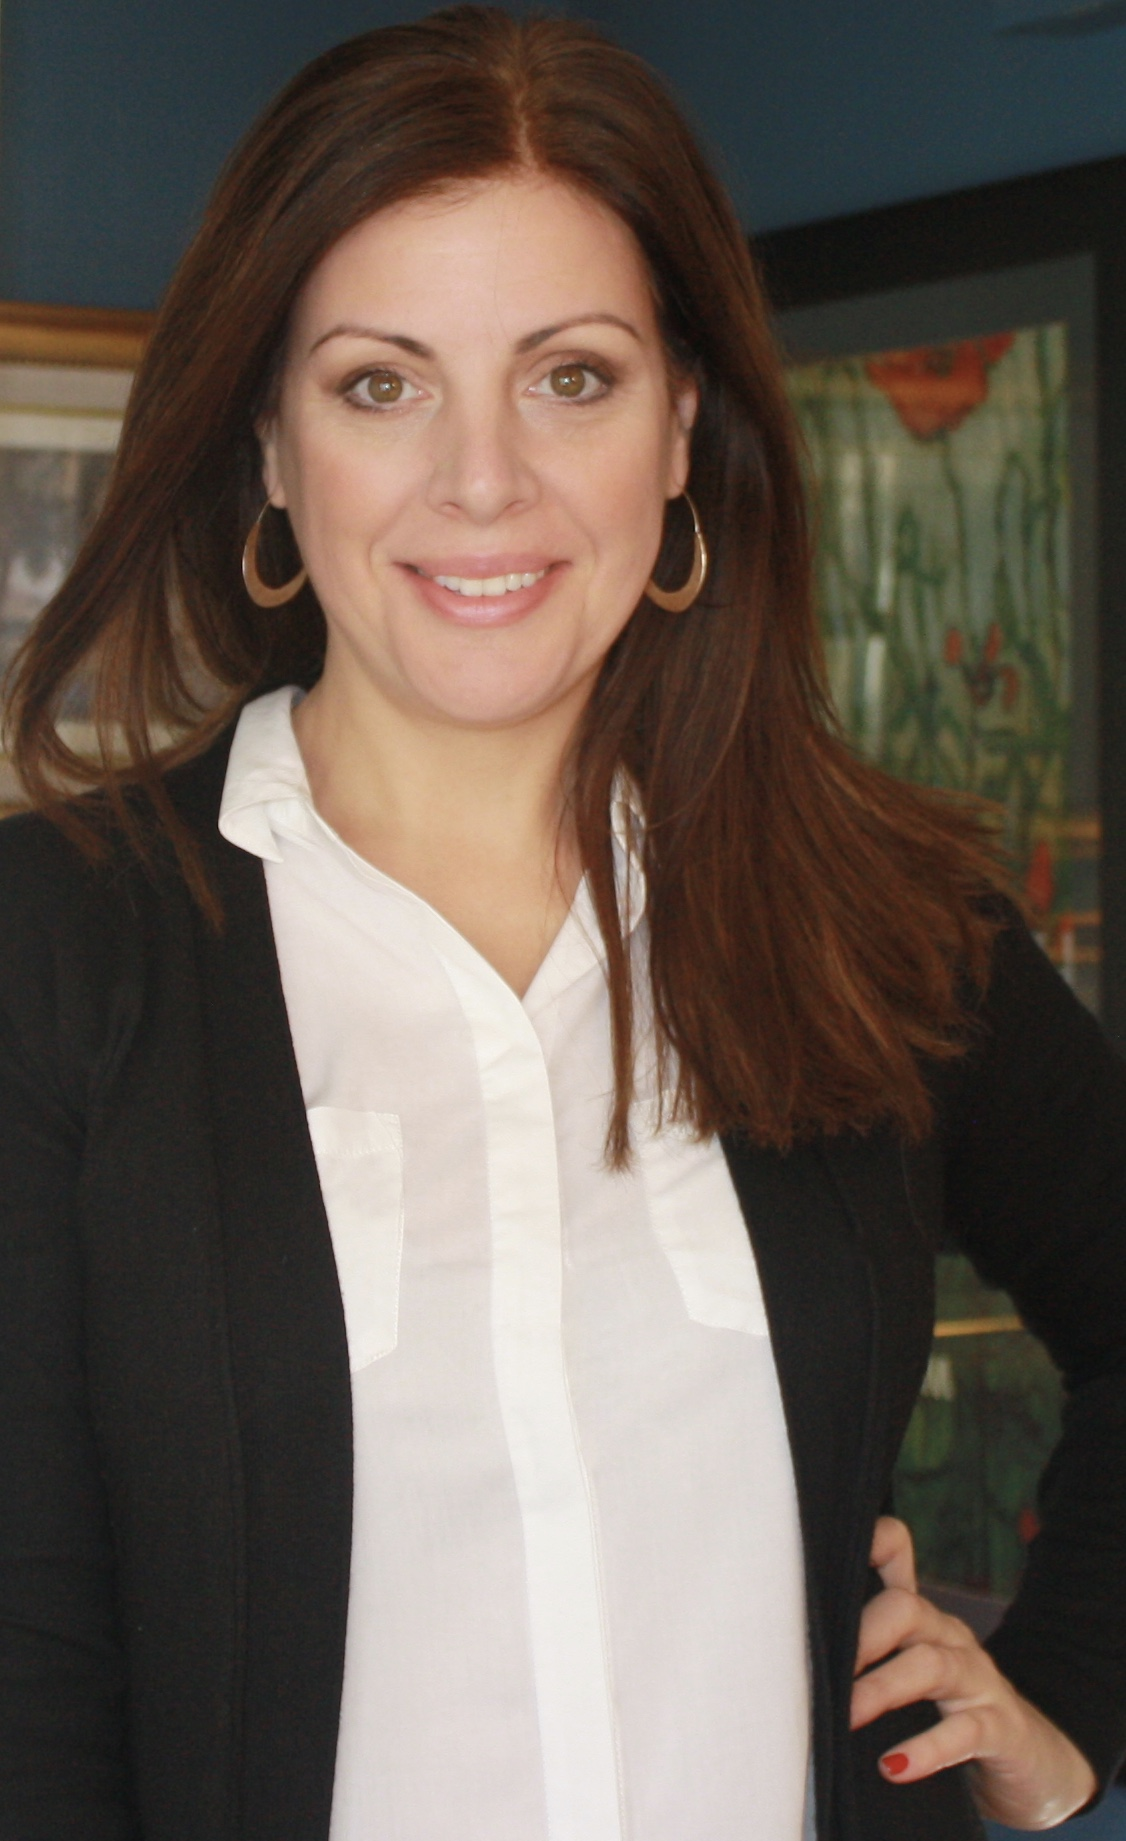 Karin Muscarella